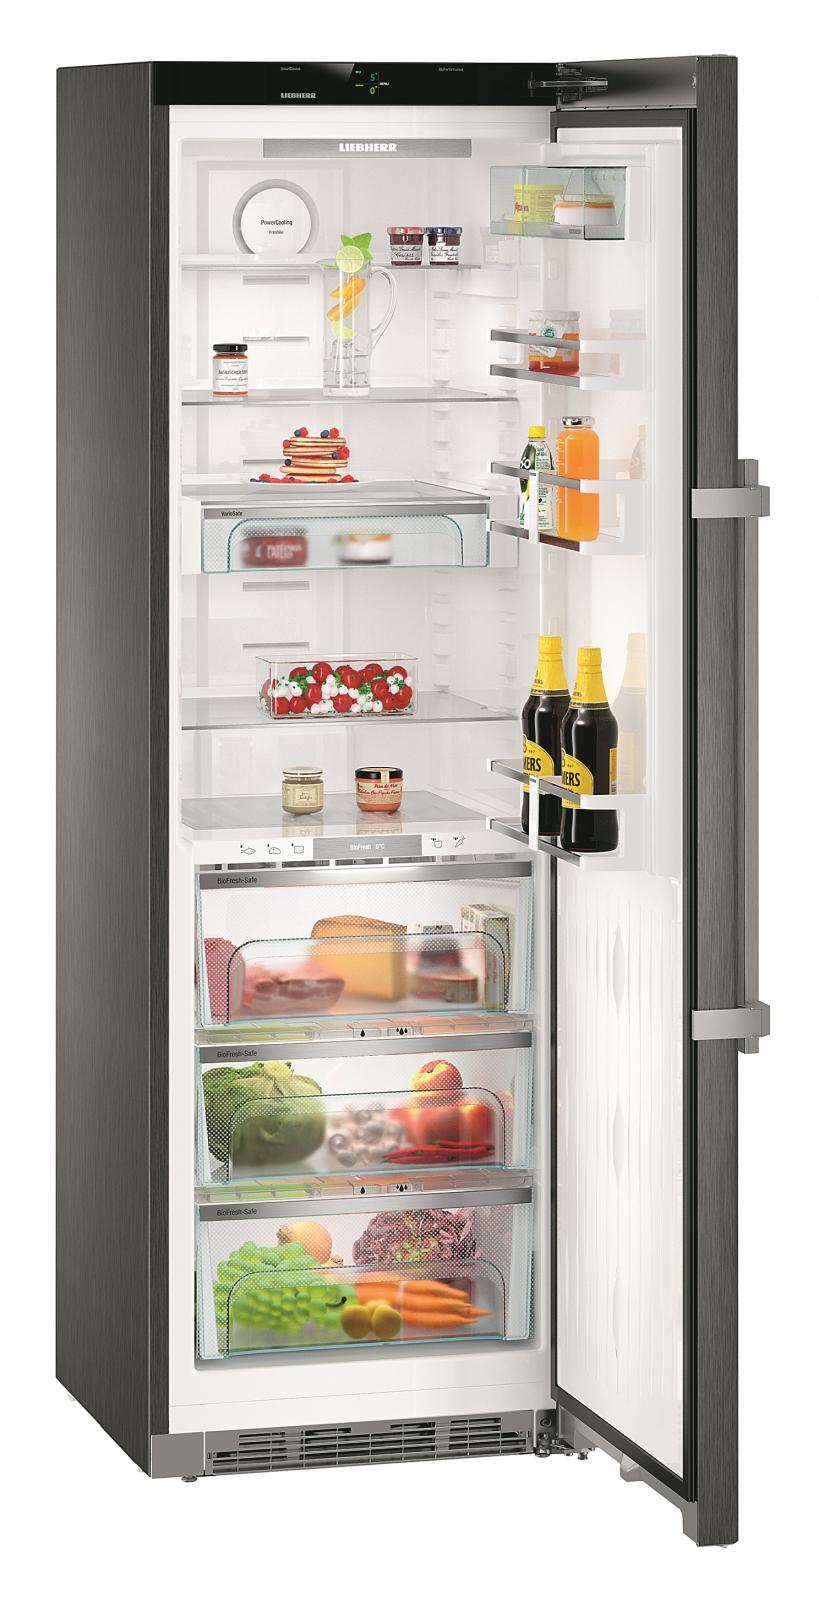 Однокамерный холодильник Liebherr KBbs 4350 купить украина